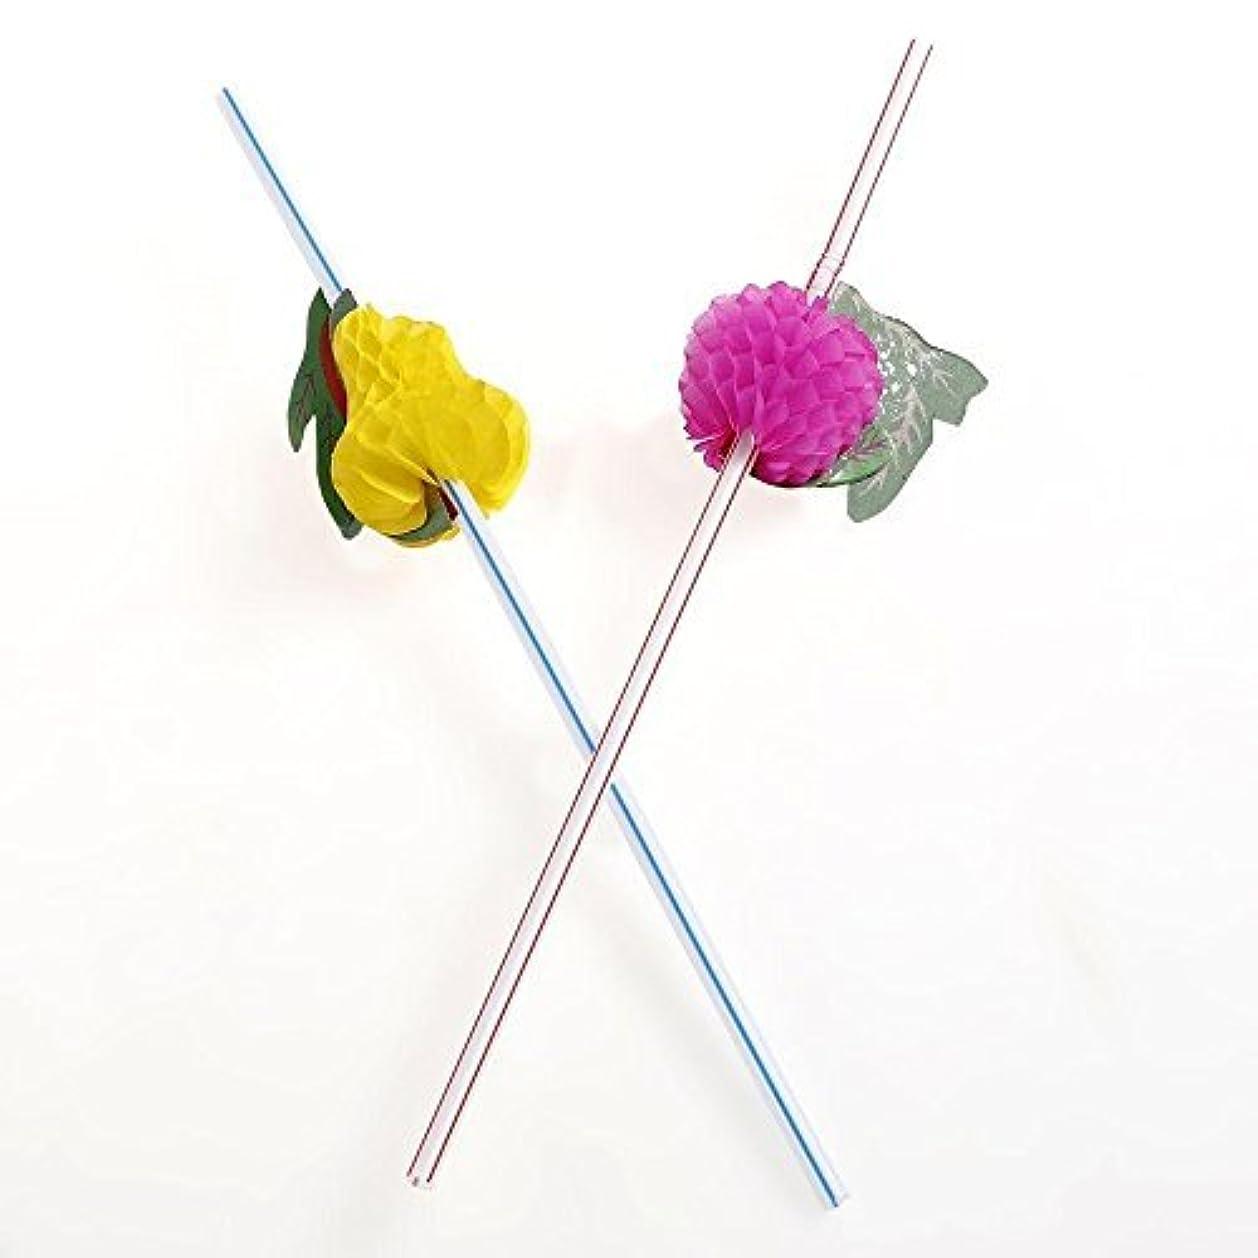 積極的にどちらか生産的誕生日パーティーのための多彩なフルーツストロー